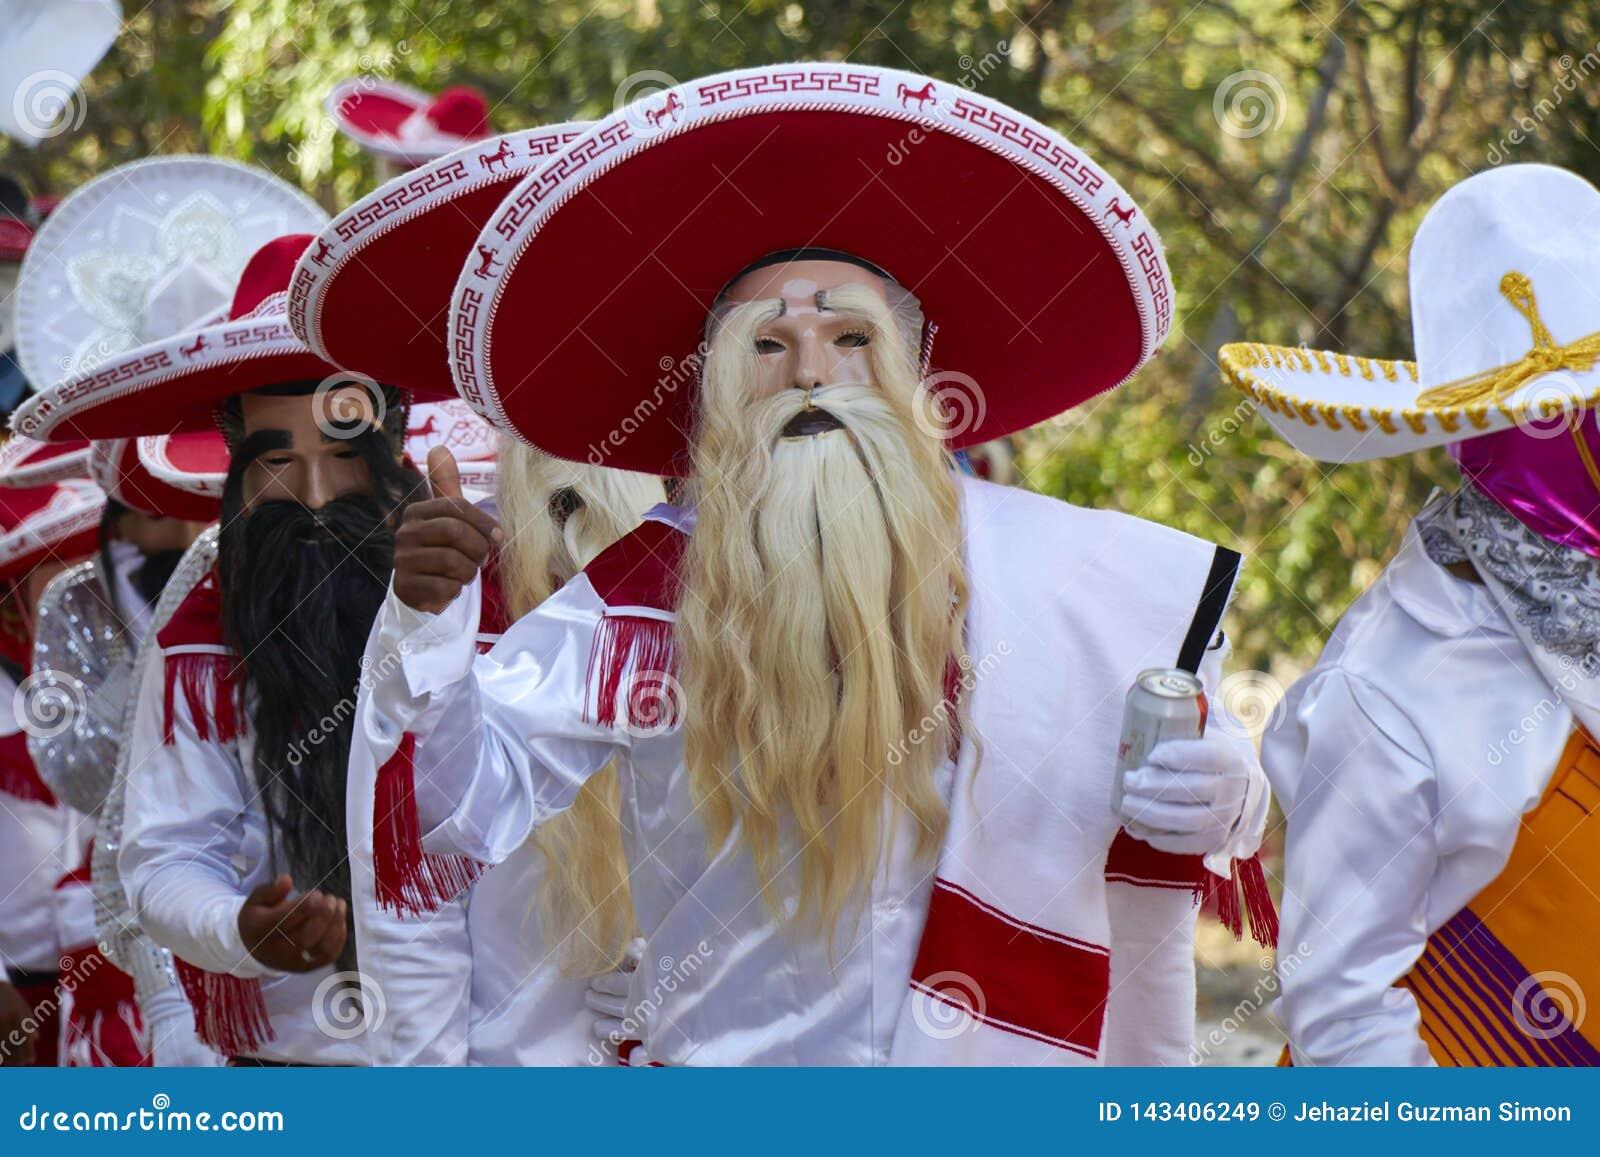 Mensen die als Mexicaanse charro of mariachi met een wit kostuum en maskers worden vermomd